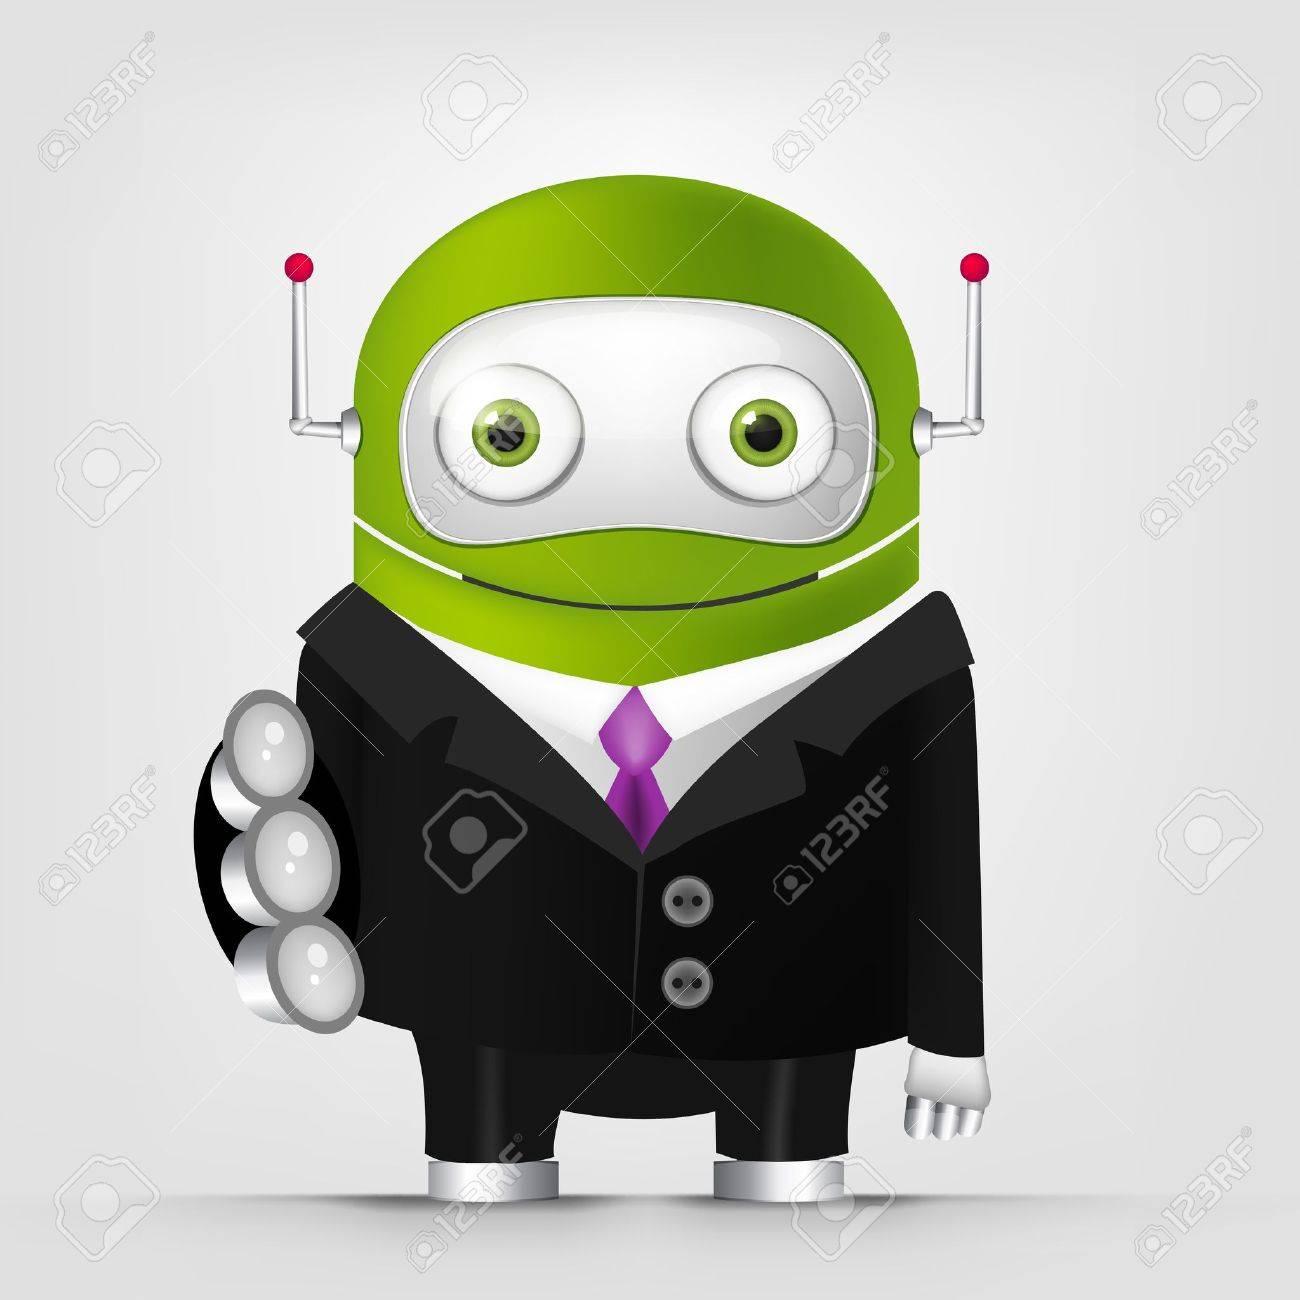 Cute Robot Stock Vector - 16065730